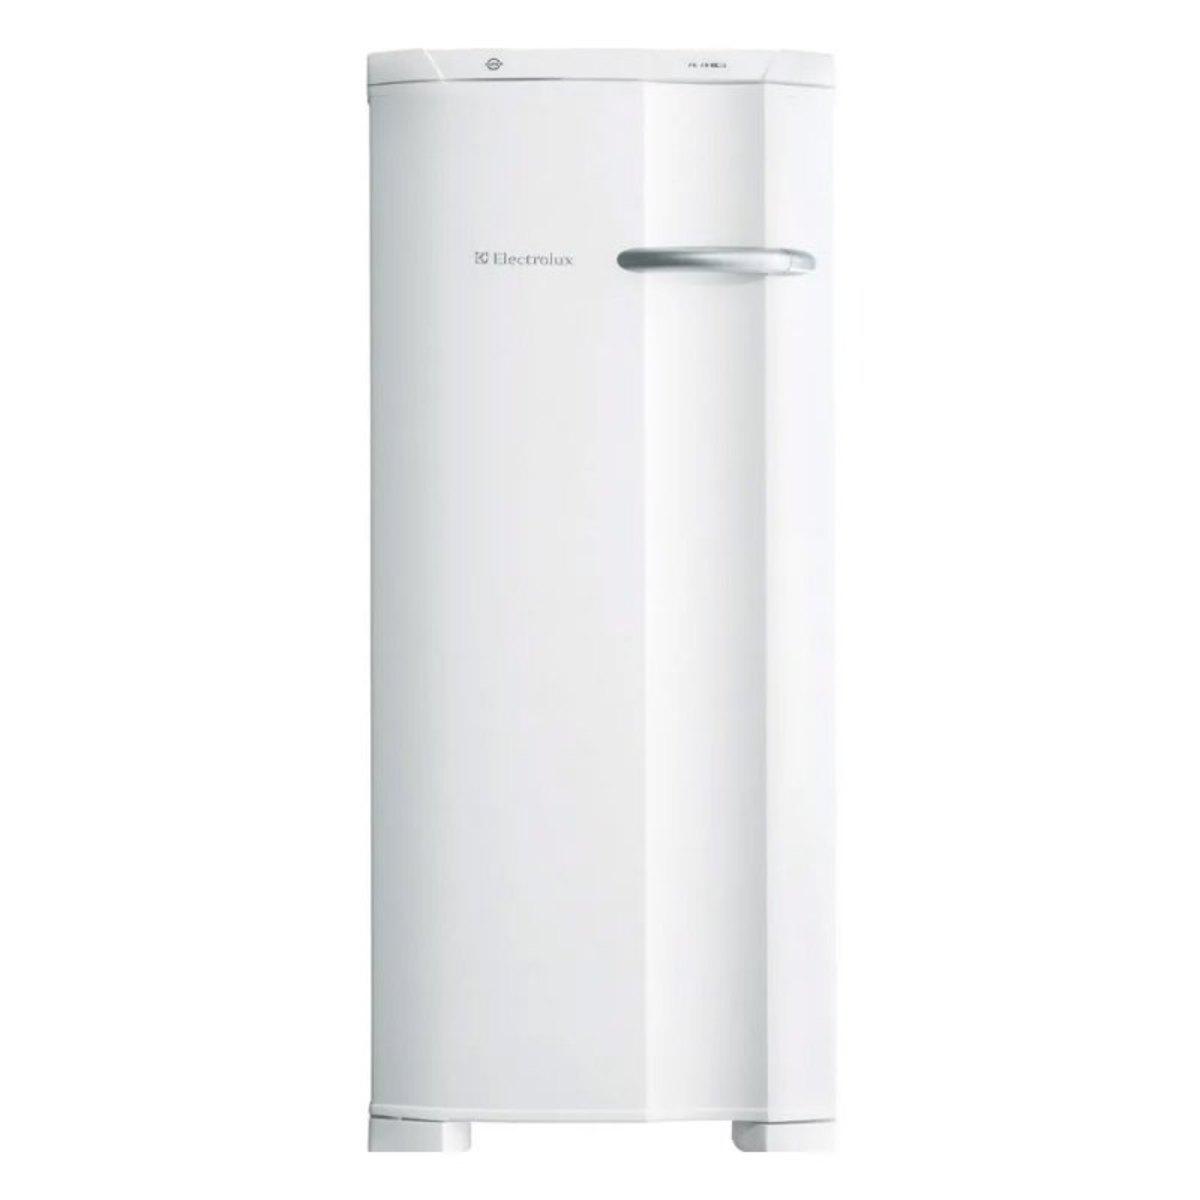 Imagem de Freezer Vertical Electrolux Cycle Defrost 1 Porta 173 Litros - FE22